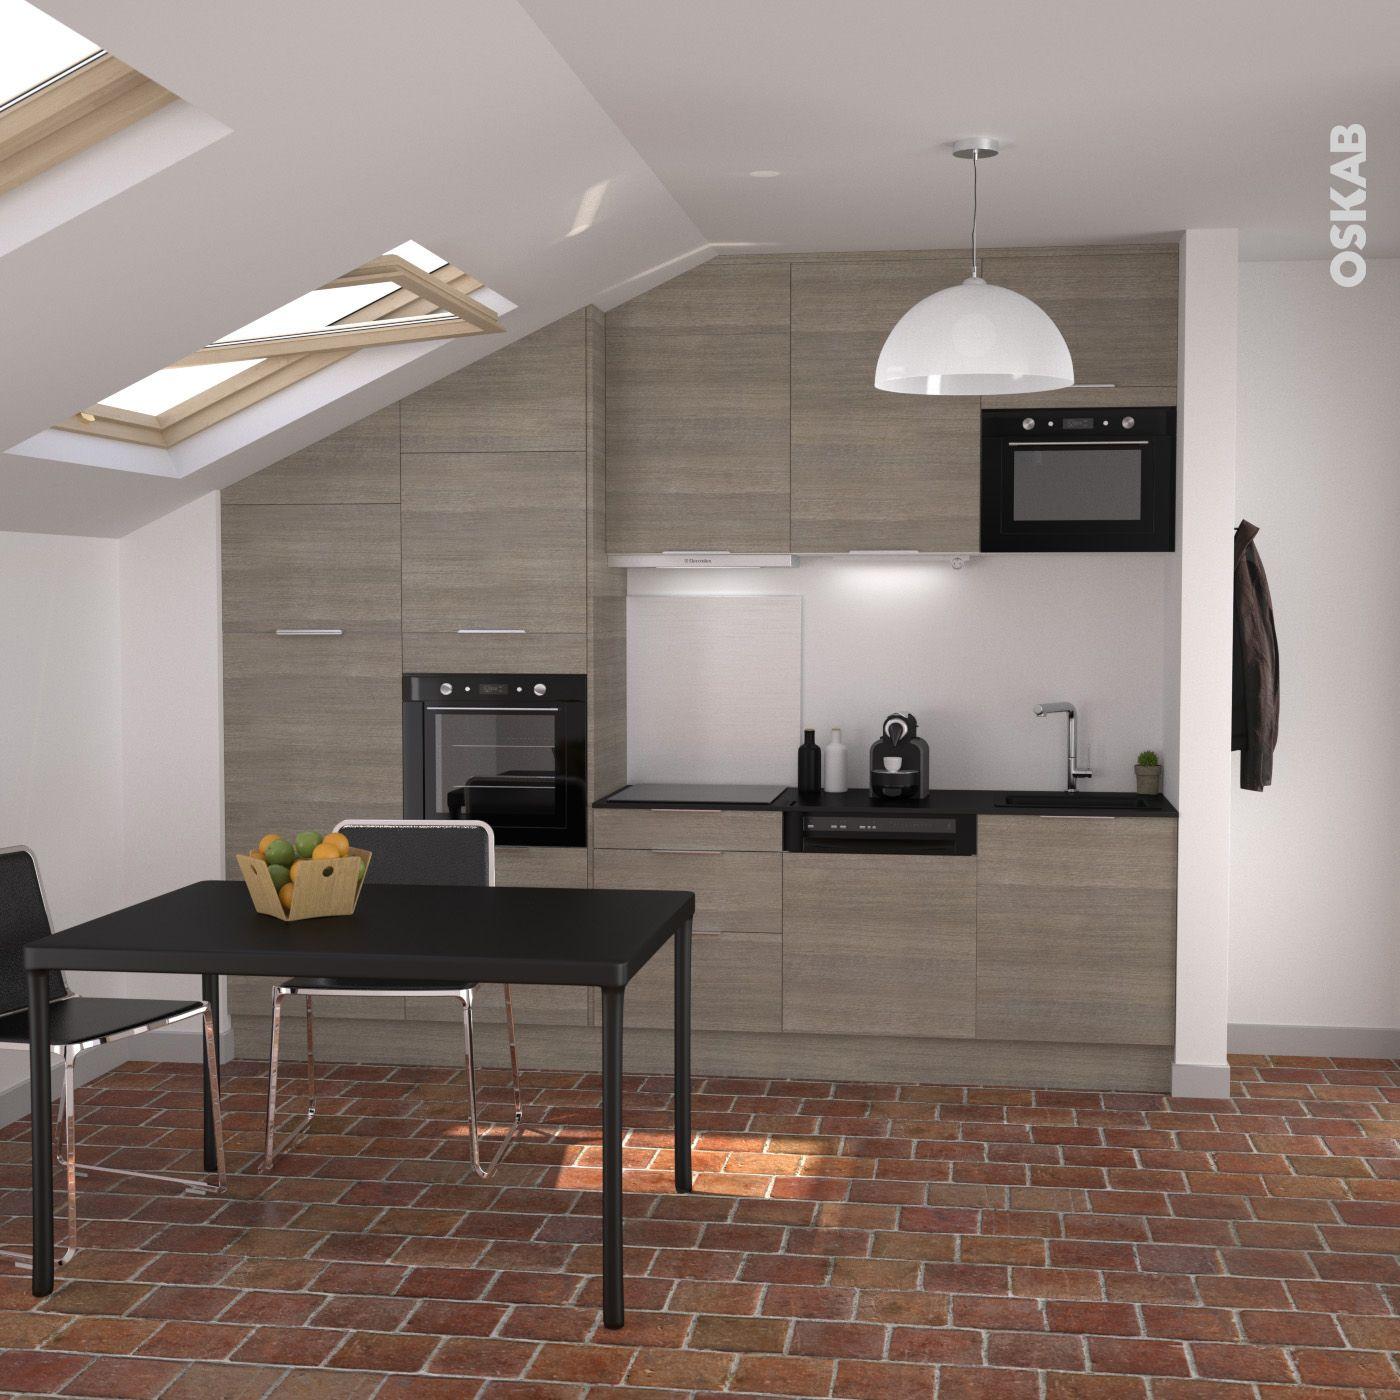 petite cuisine ouverte en bois d cor noyer naturel lectrom nager et plan de travail noir. Black Bedroom Furniture Sets. Home Design Ideas